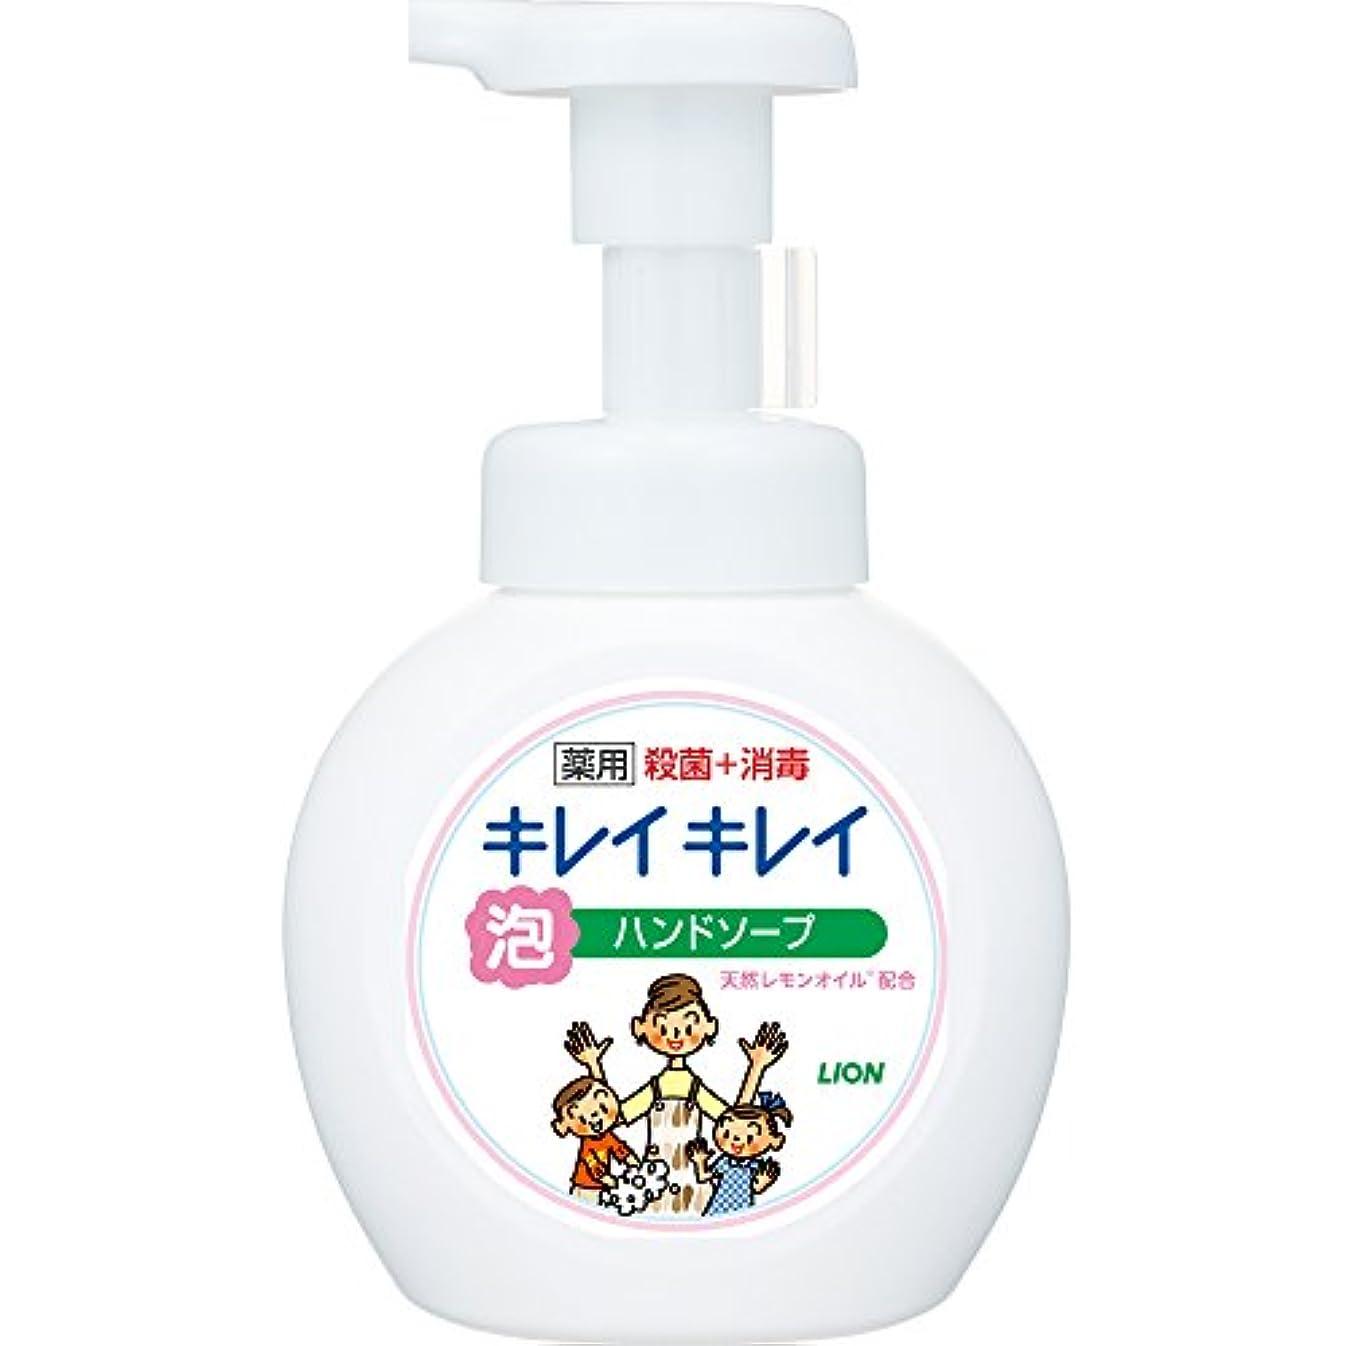 最小化する局症候群キレイキレイ 薬用 泡ハンドソープ シトラスフルーティの香り 本体ポンプ 250ml(医薬部外品)